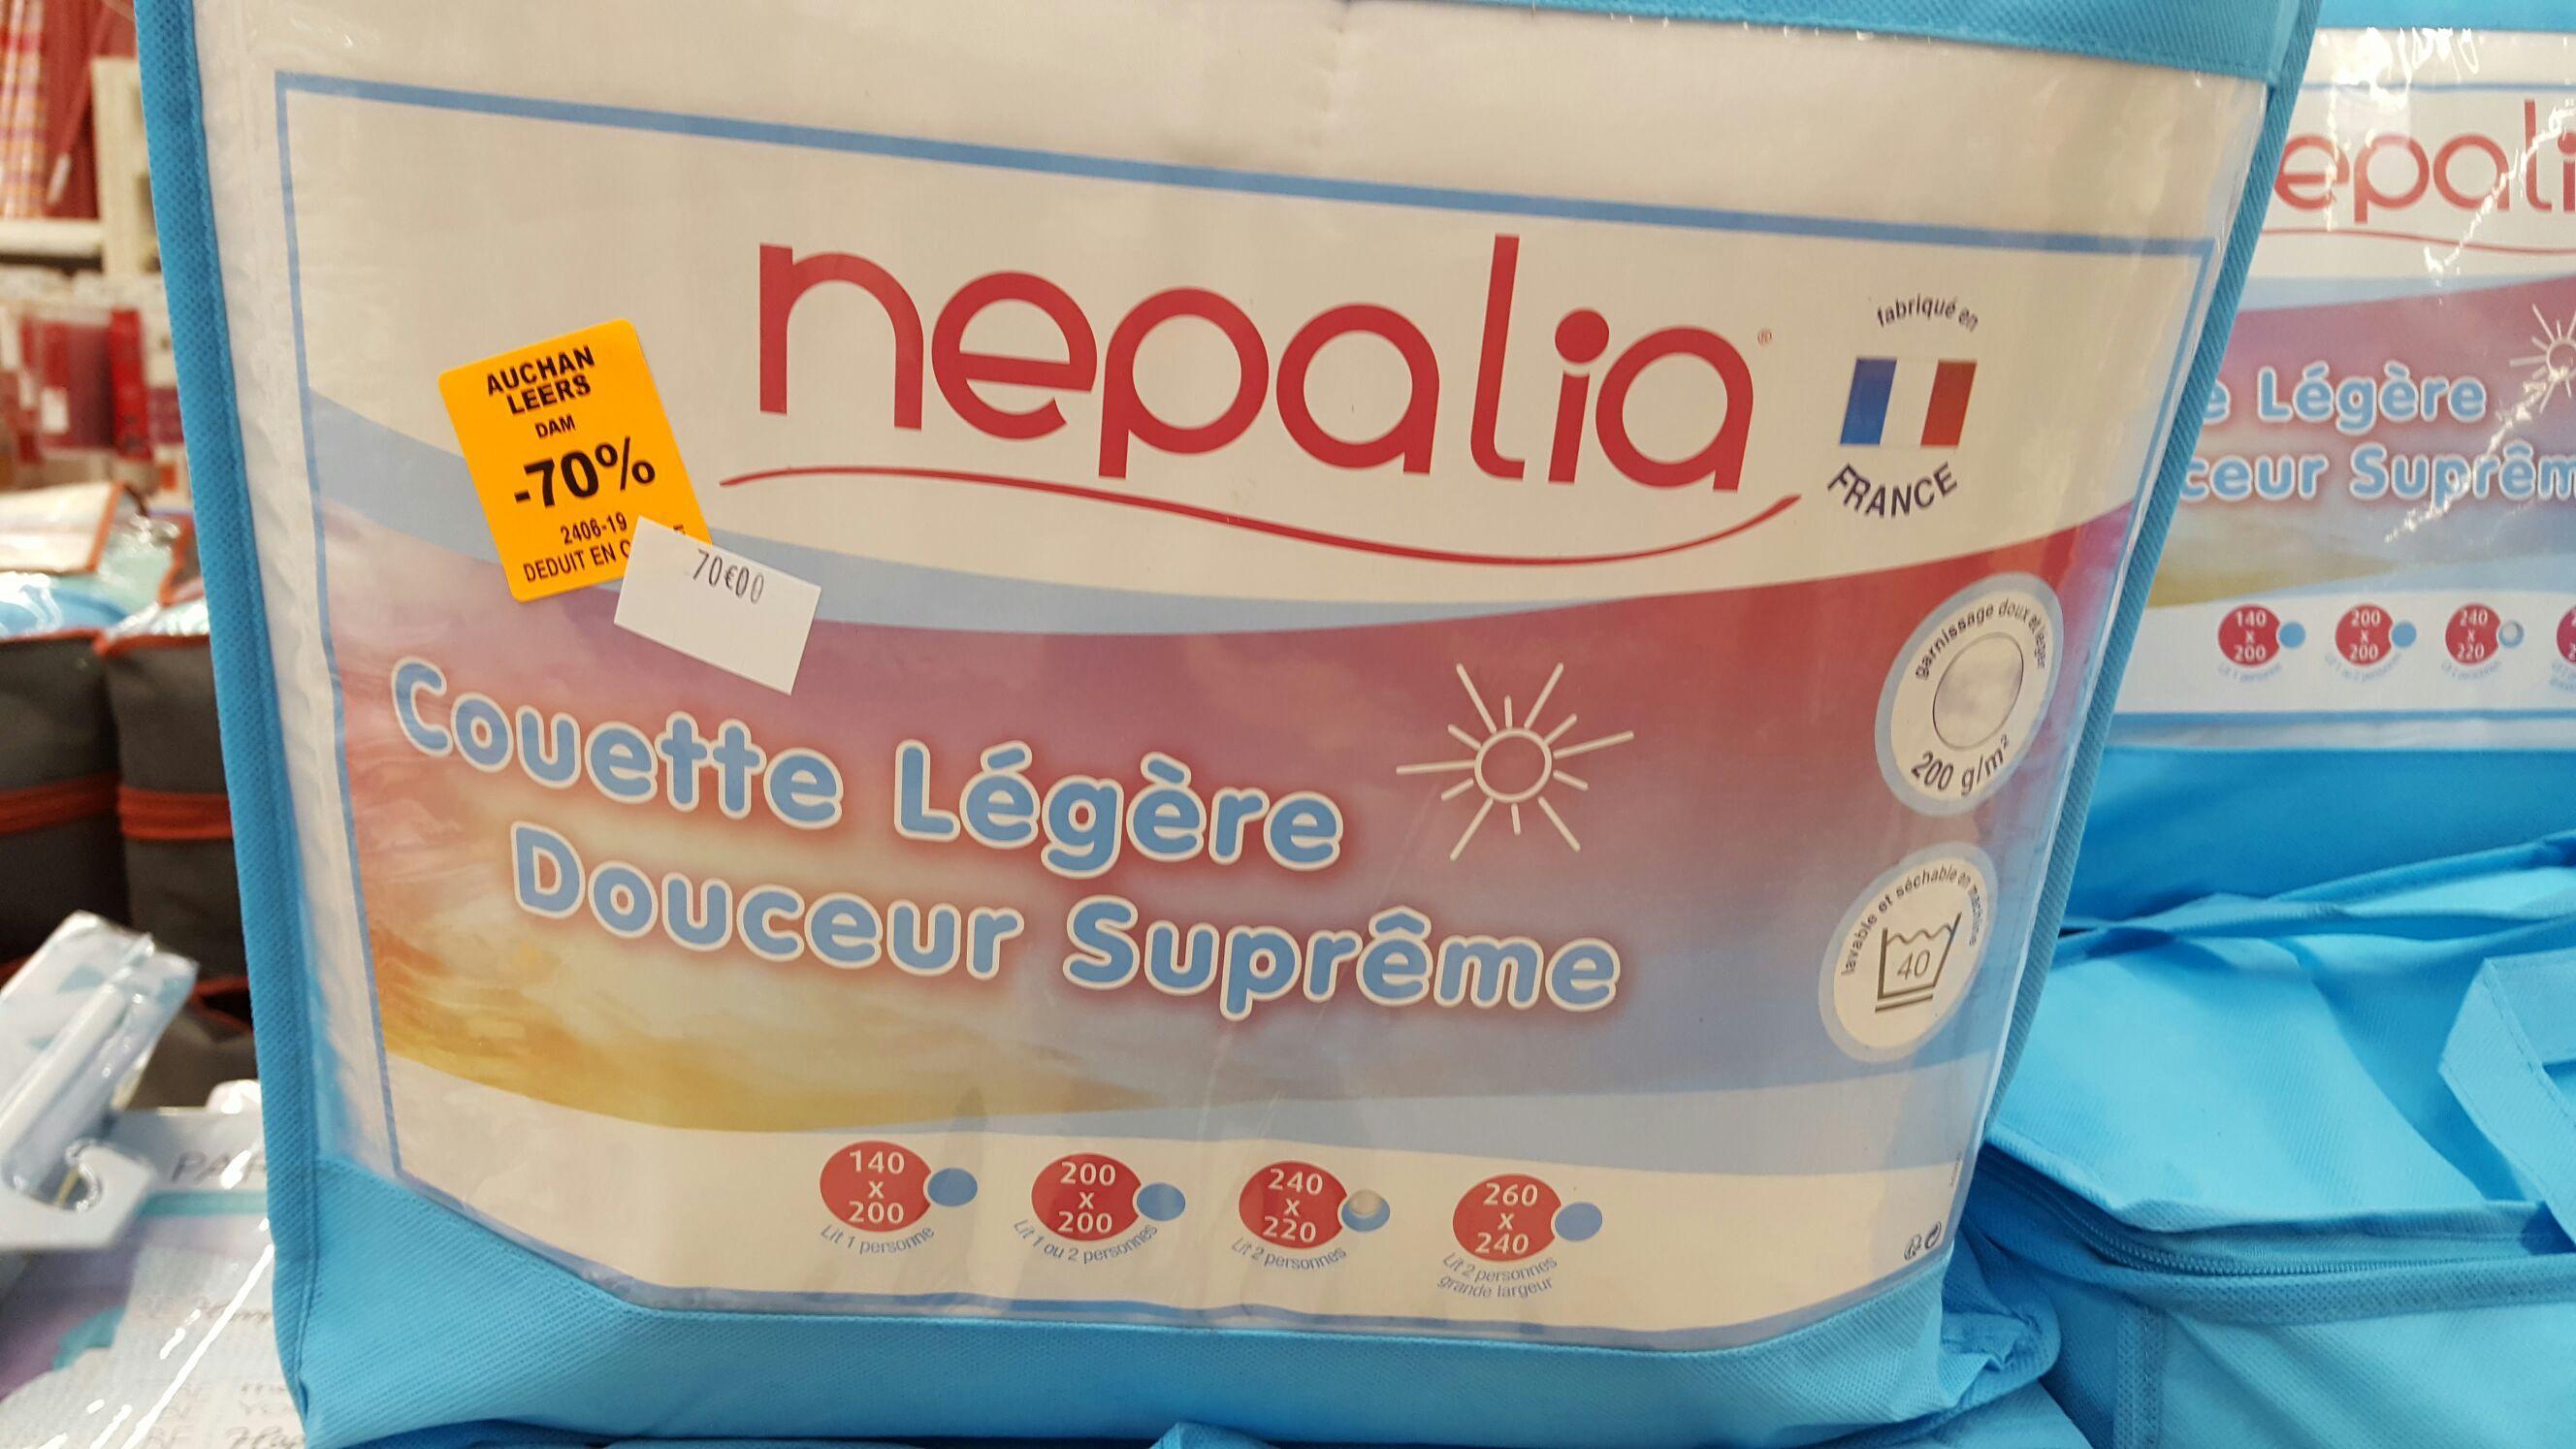 Couette Légère Nepalia Douceur Suprême - 200 g/m² (240 x 220 cm)